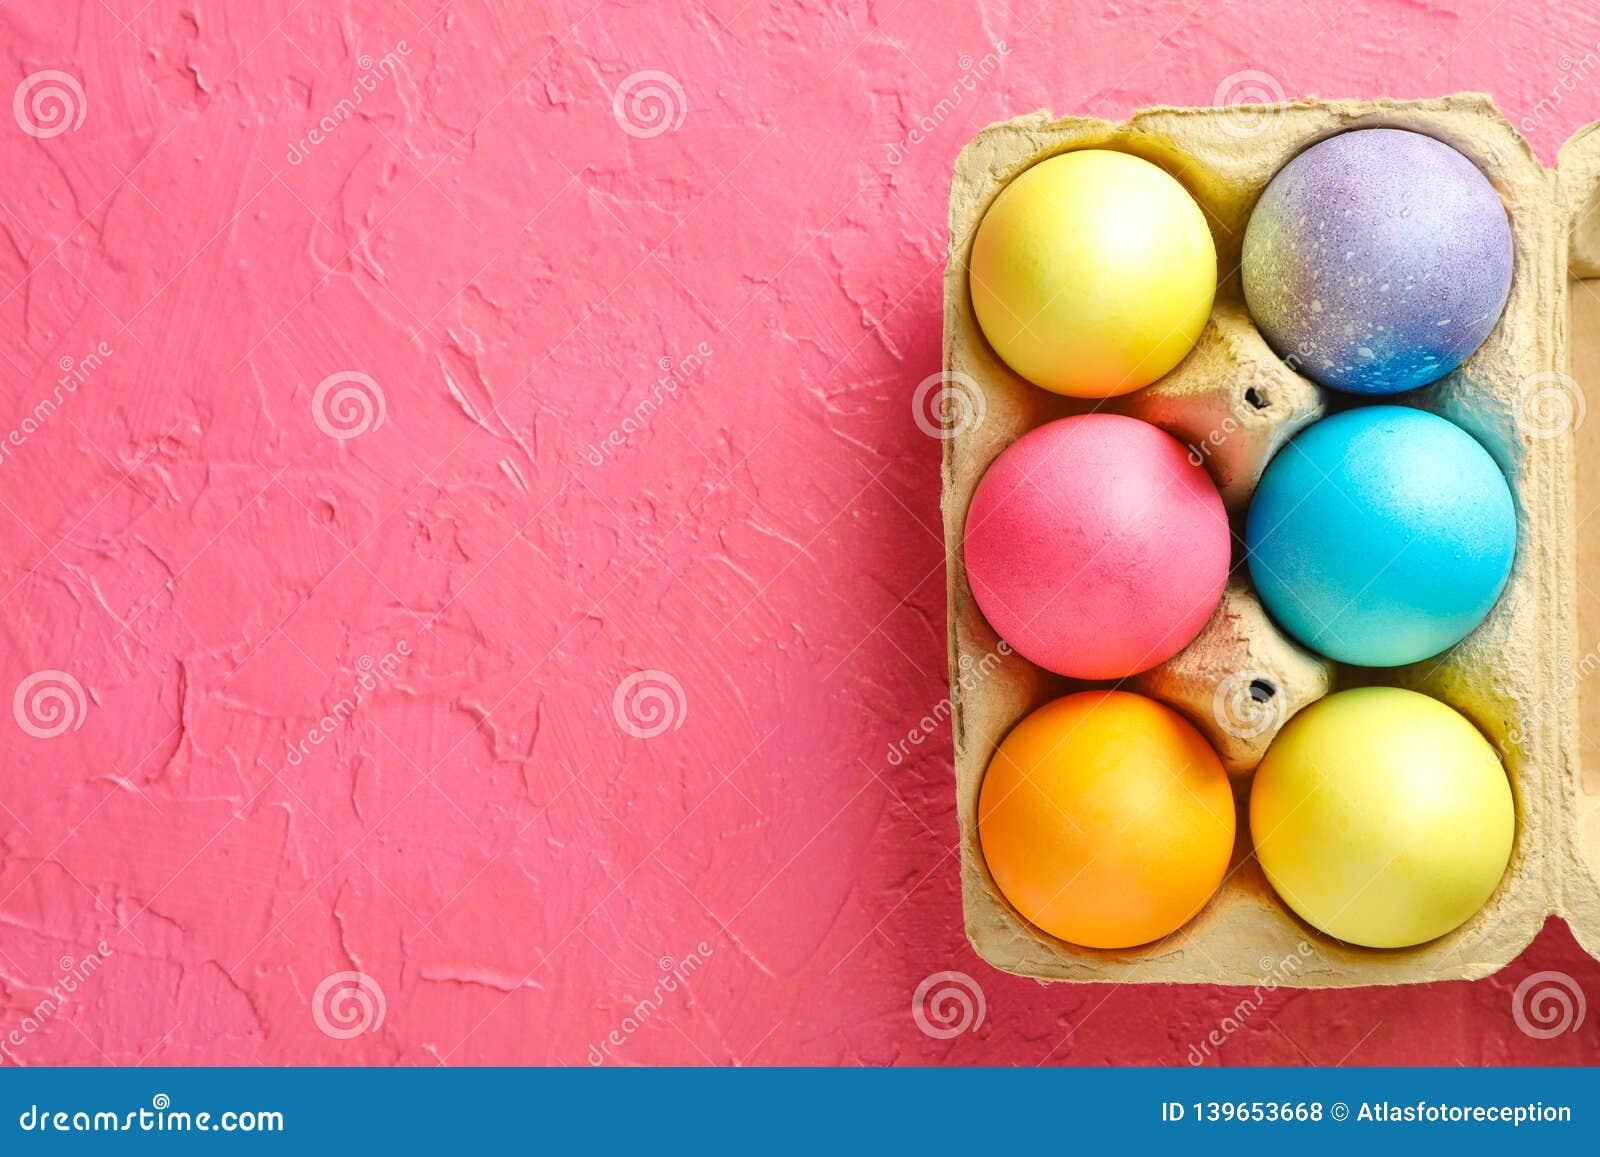 Декоративные яйца в картонной коробке на предпосылке цвета, космосе для текста